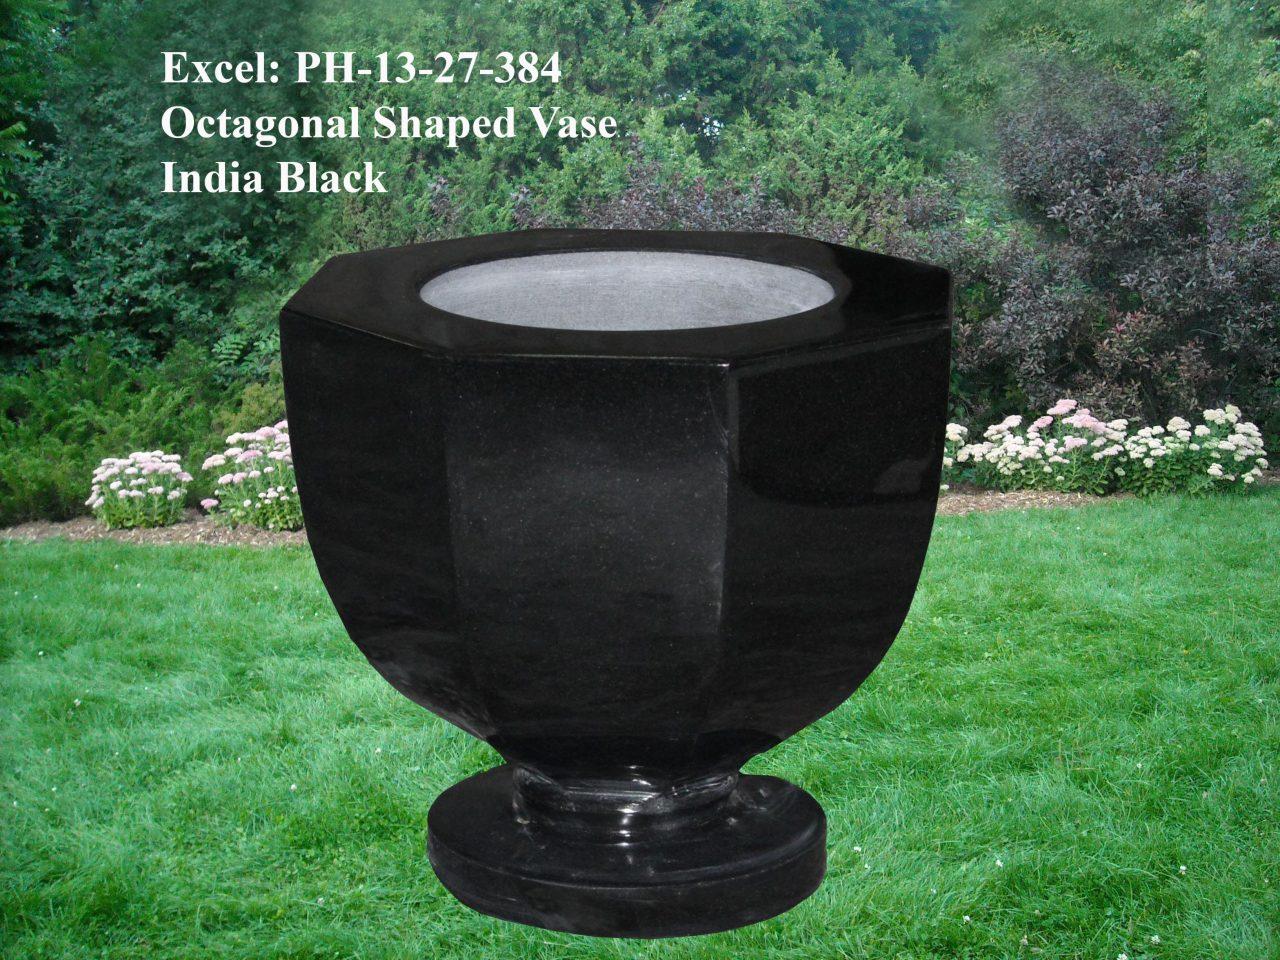 EG-13-27-384 / India Black / Octagonal Shaped Vase